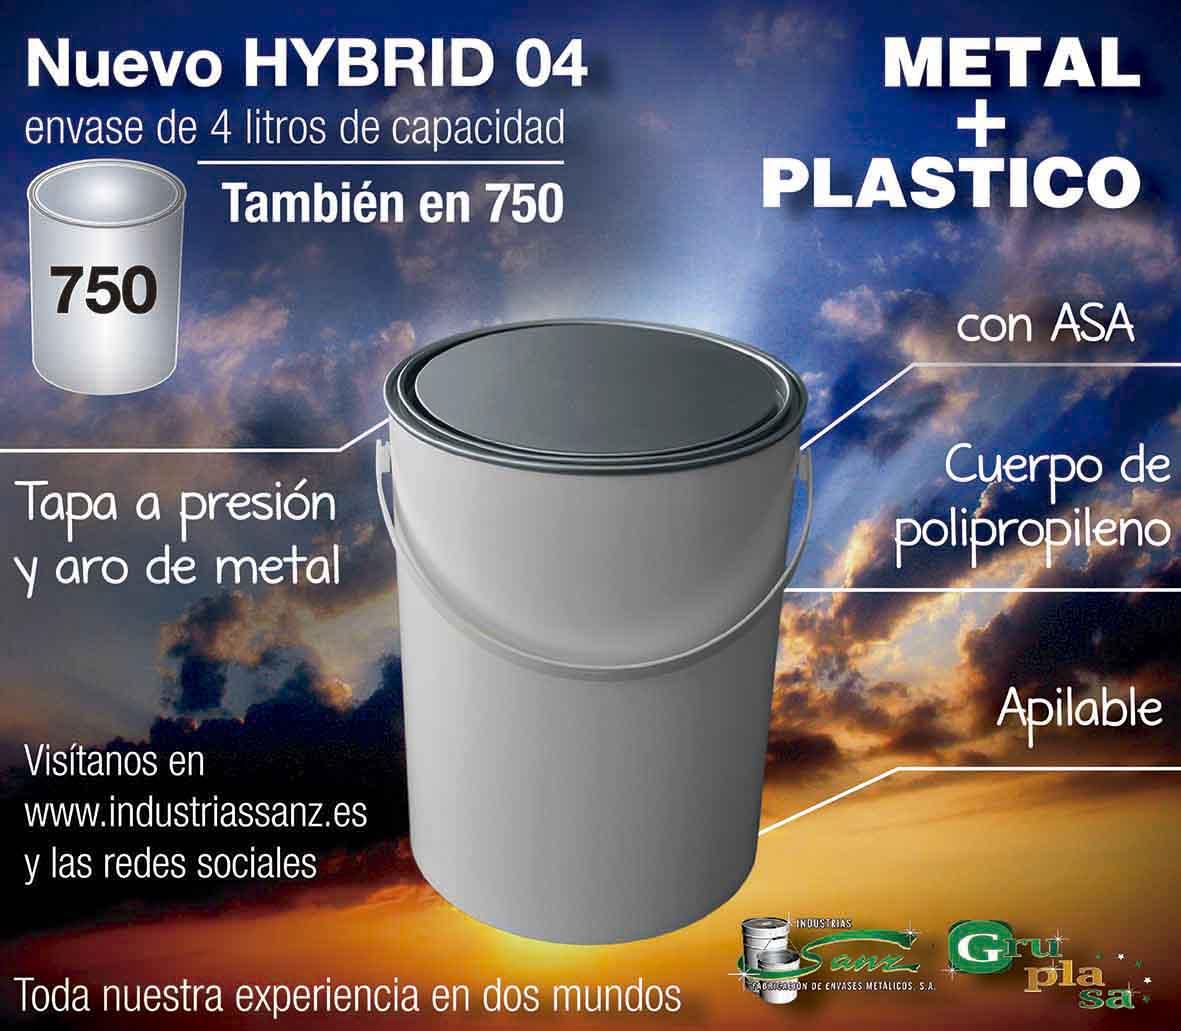 HYBRID 04 litros